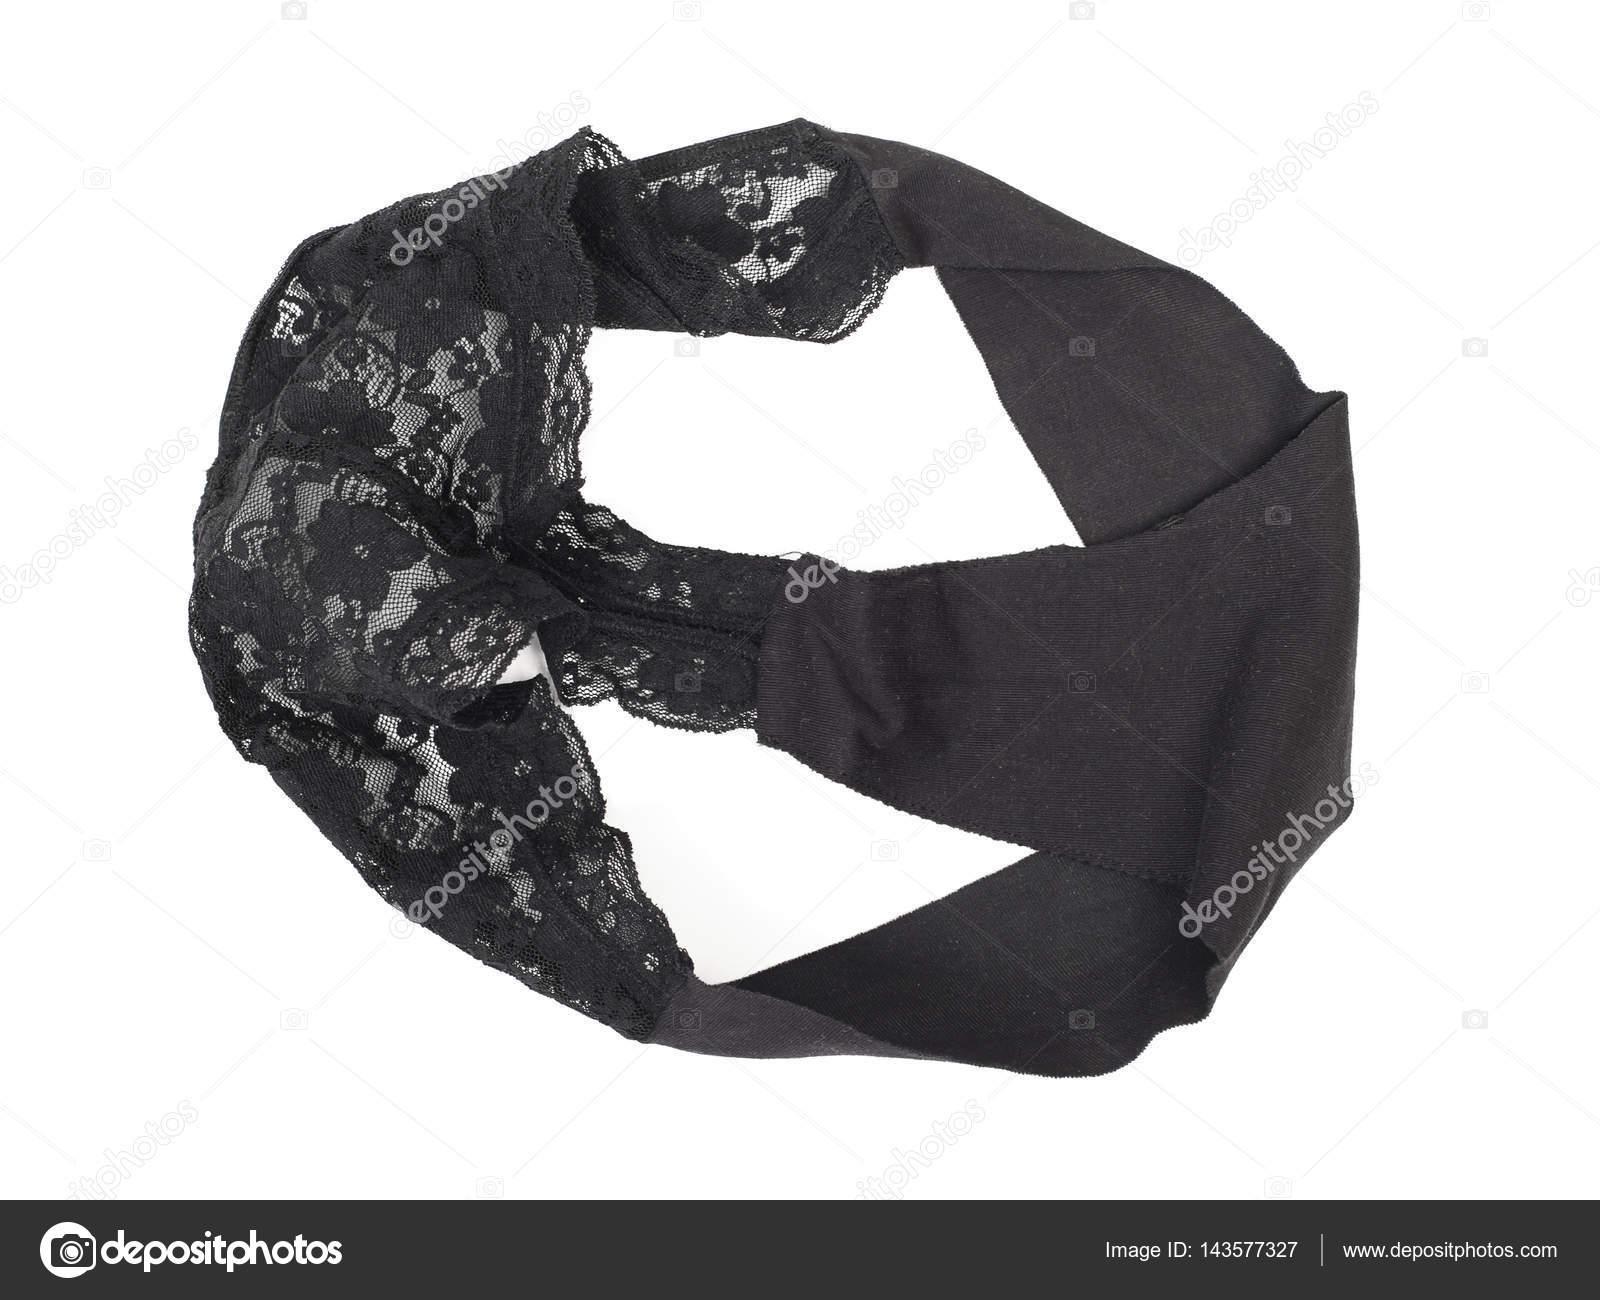 3369ce0c4 calcinha de renda preta — Stock Photo © igorkovalcuk  143577327